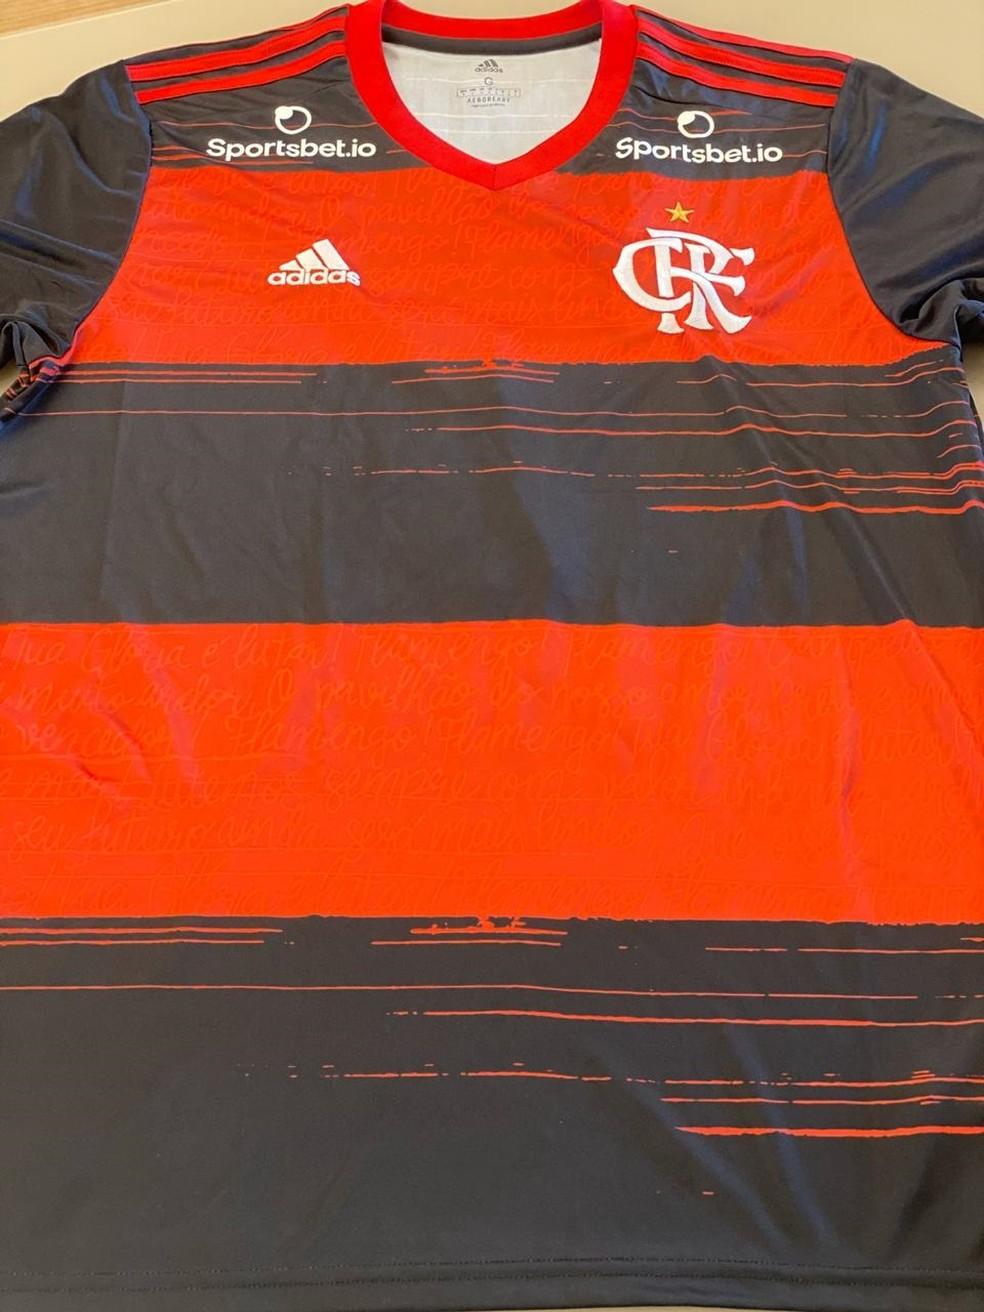 Camisa que será autografada por jogadores e pelo técnico do Flamengo — Foto: Divulgação